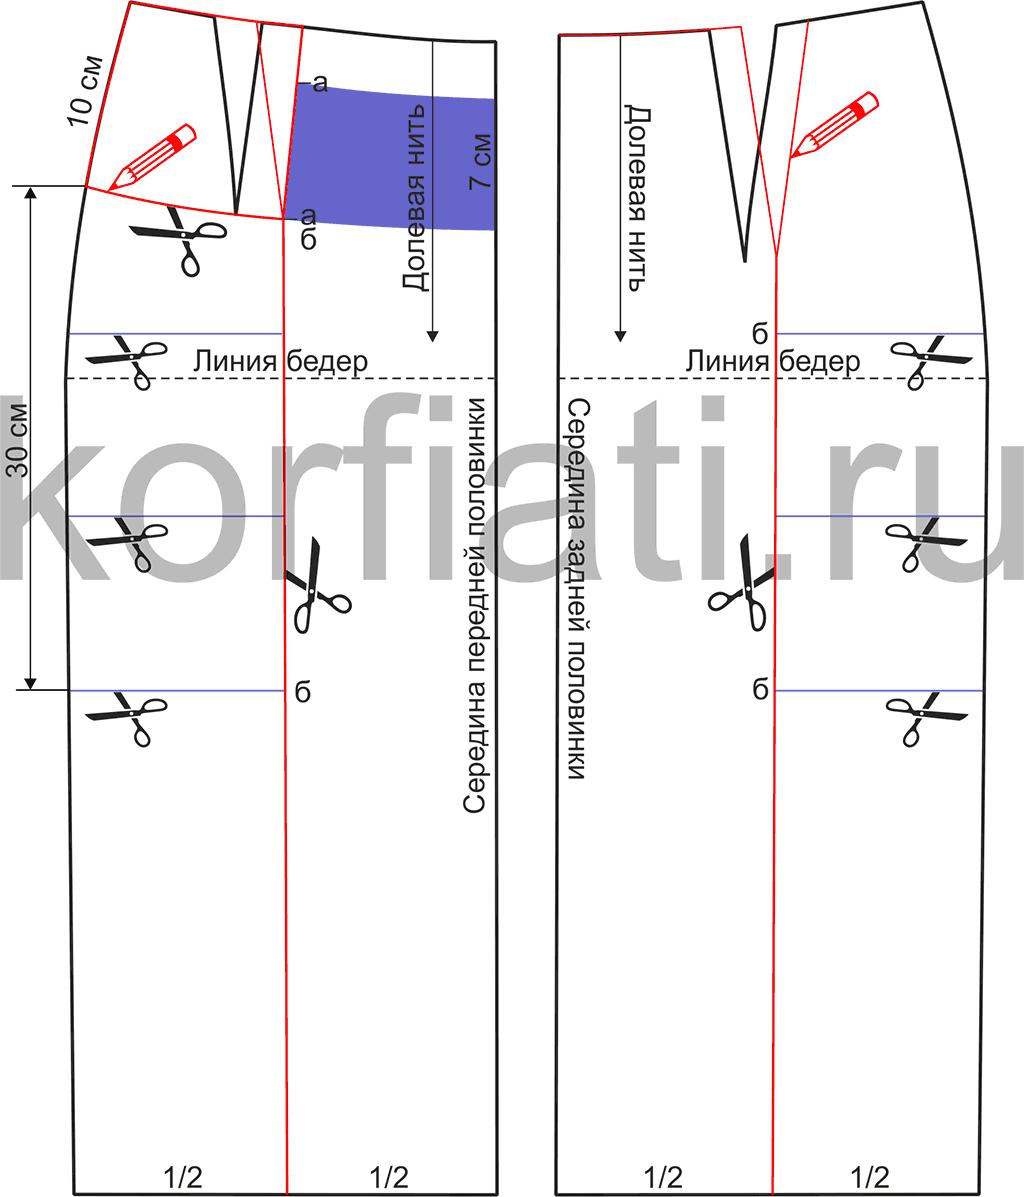 Выкройки юбок: для начинающих, карандаш, прямые, годе - Porrivan 56